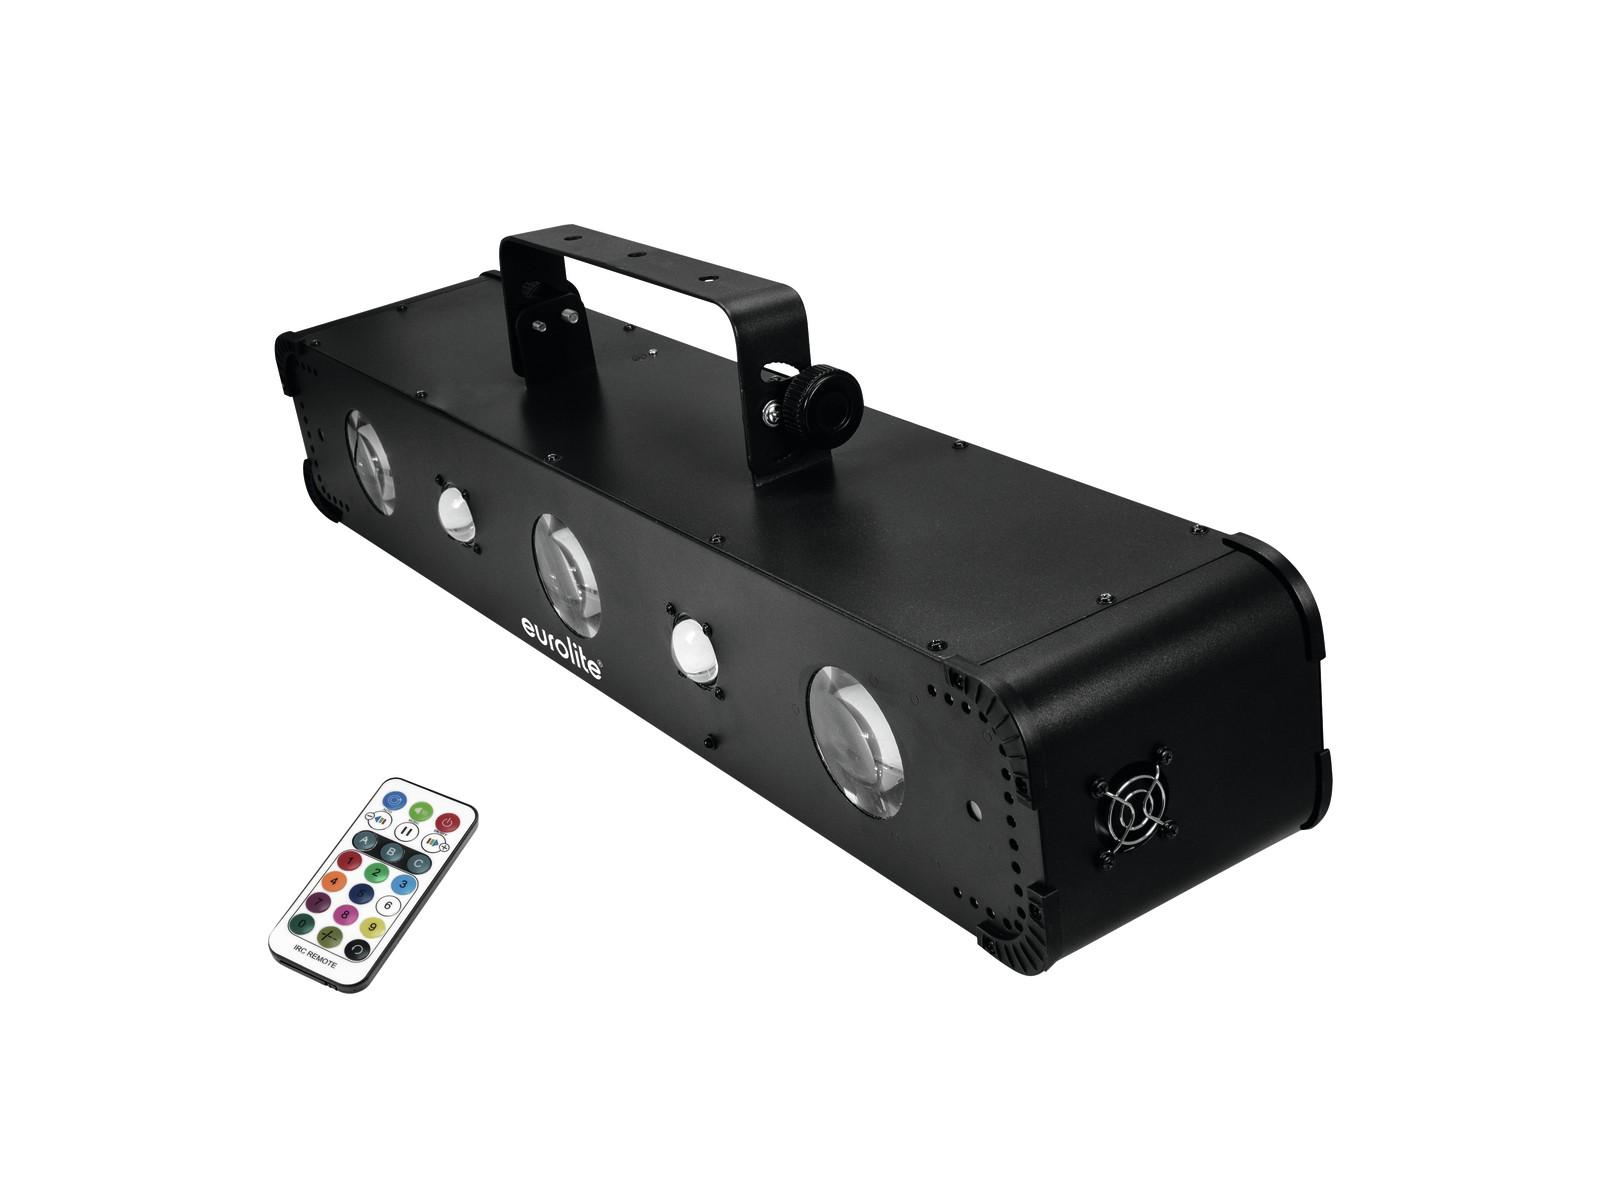 Hilti Entfernungsmesser Kaufen : Hilti laser distanzmessgerät pd5 bis 100m